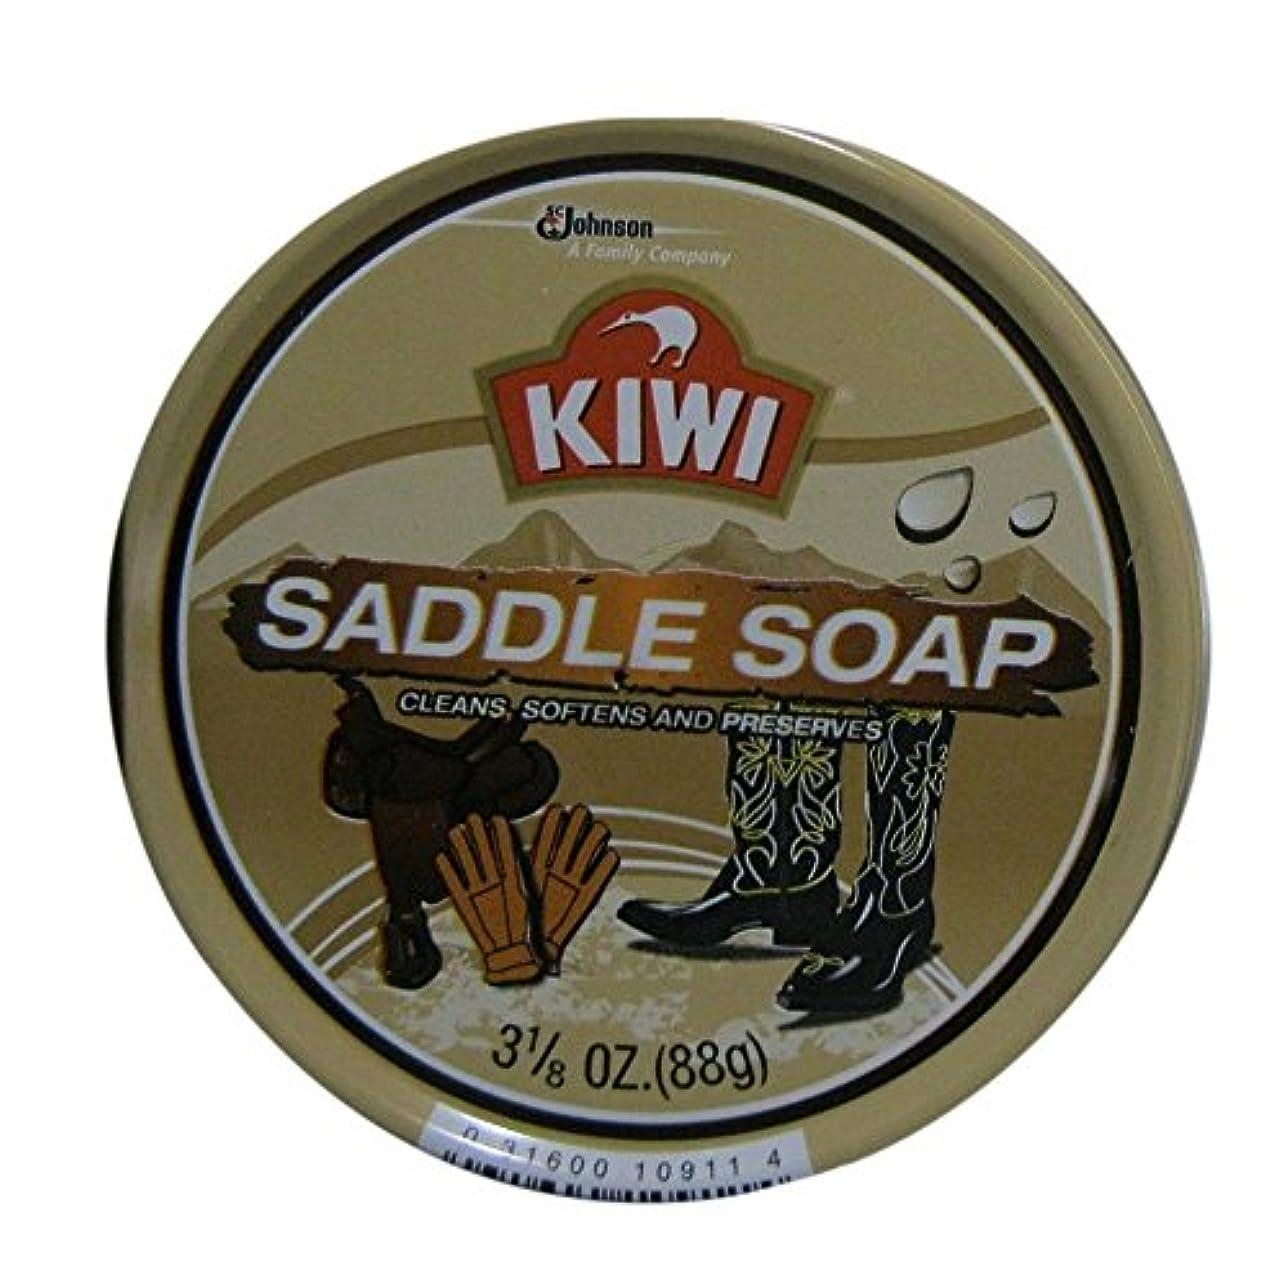 遅らせるの頭の上調停者Kiwi KIWIハメソープ3.125オンス(5パック) 5パック